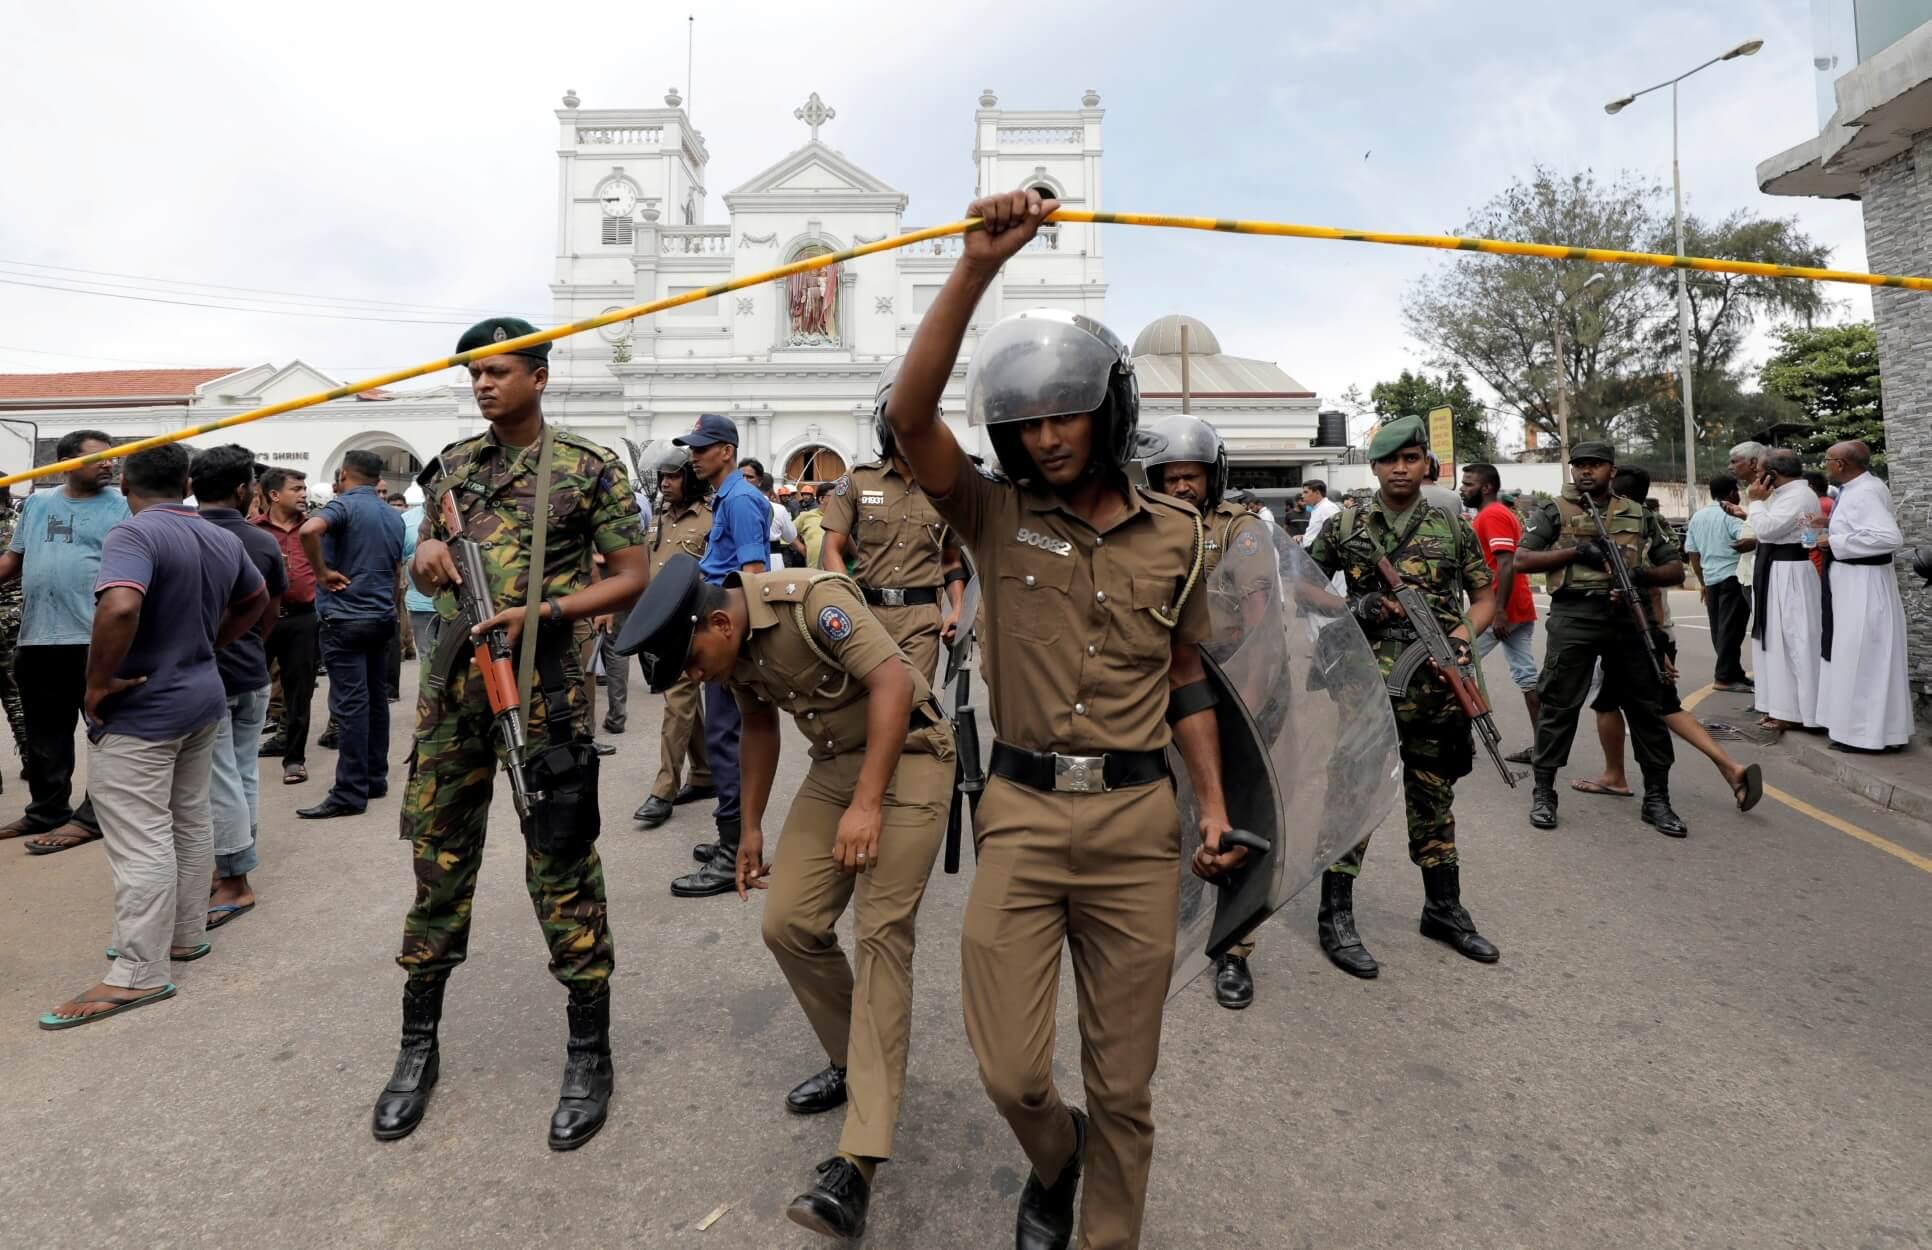 Σρι Λάνκα: Νέος συναγερμός για τρομοκρατικά χτυπήματα από τζιχαντιστές!